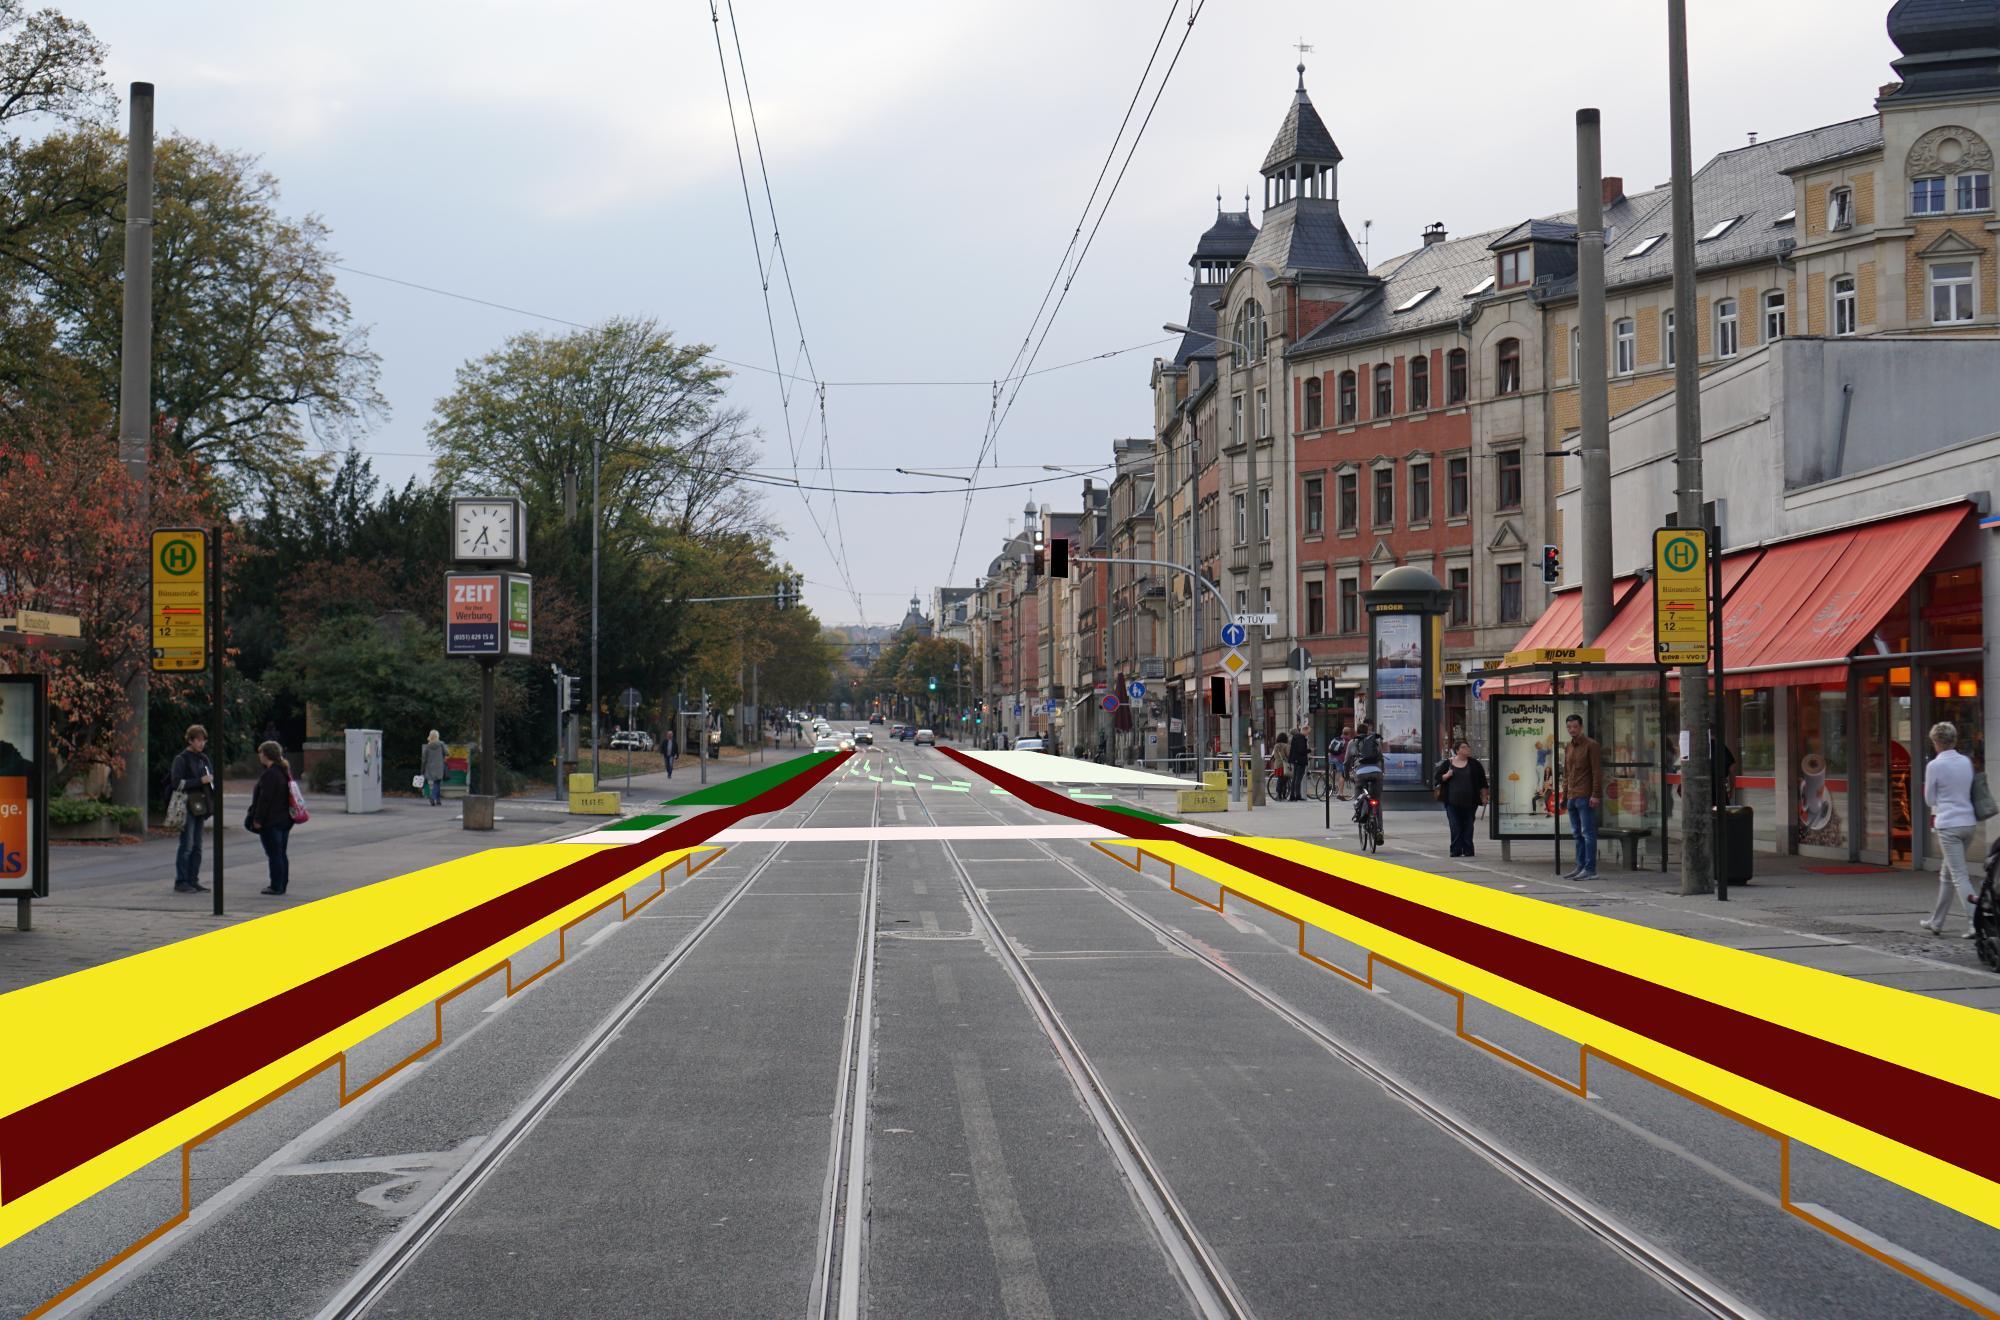 Web-Variante der Hauptillustration: auslaufende Haltestelle Bünaustraße auf der Kesselsdorfer Straße mit anschließendem Straßenabschnitt Wernerstraße -> Rudolf-Renner-Straße und weiter hoch.